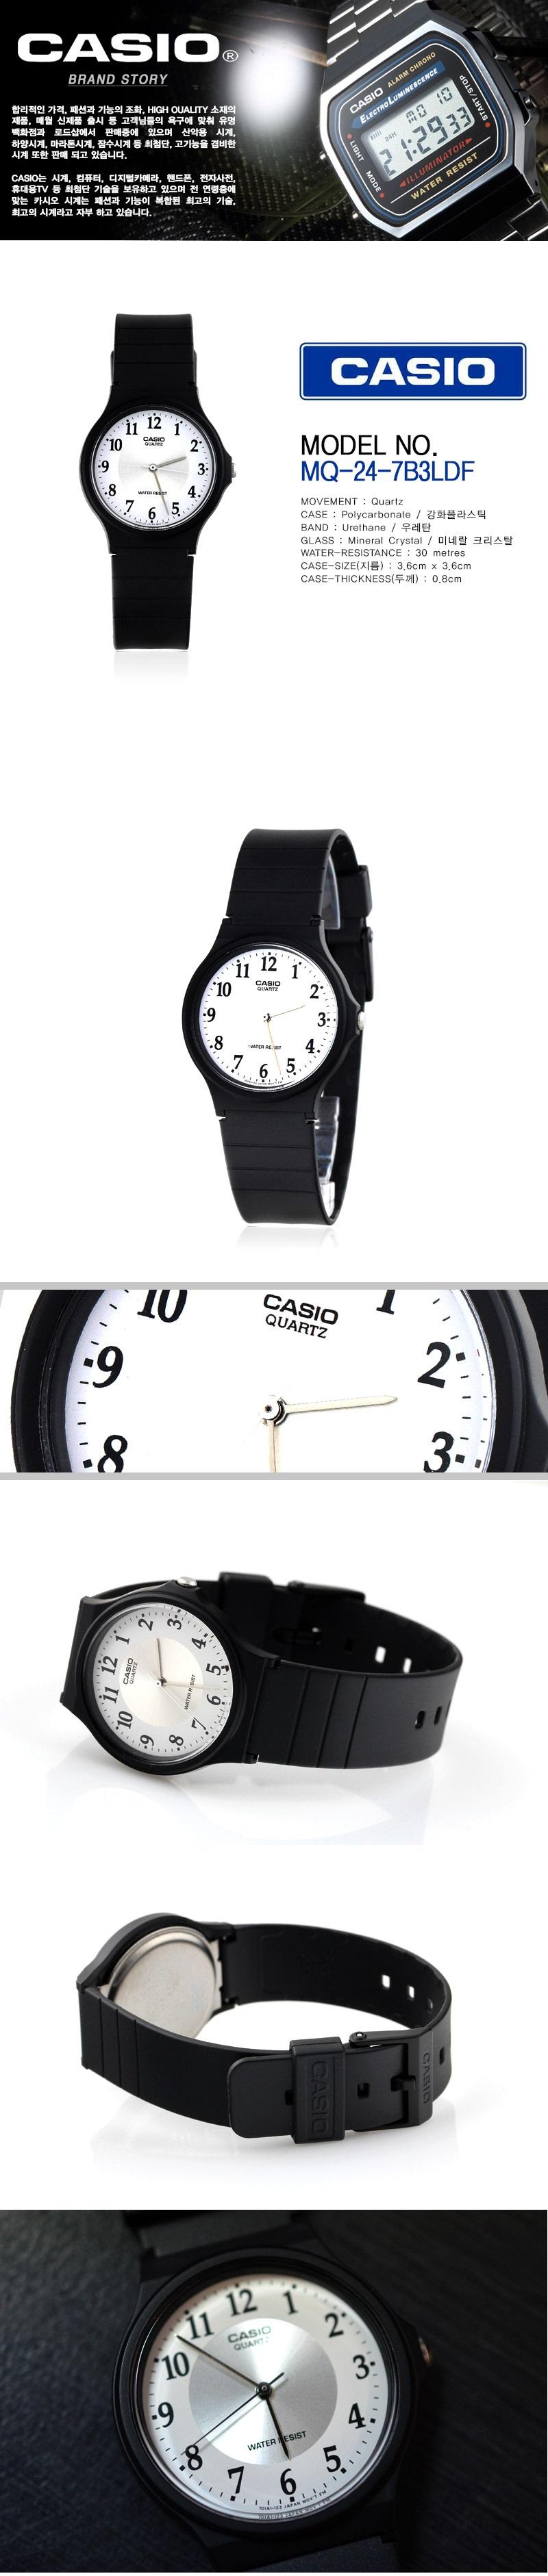 카시오(CASIO) MQ-24-7B3LDF 남녀공용시계